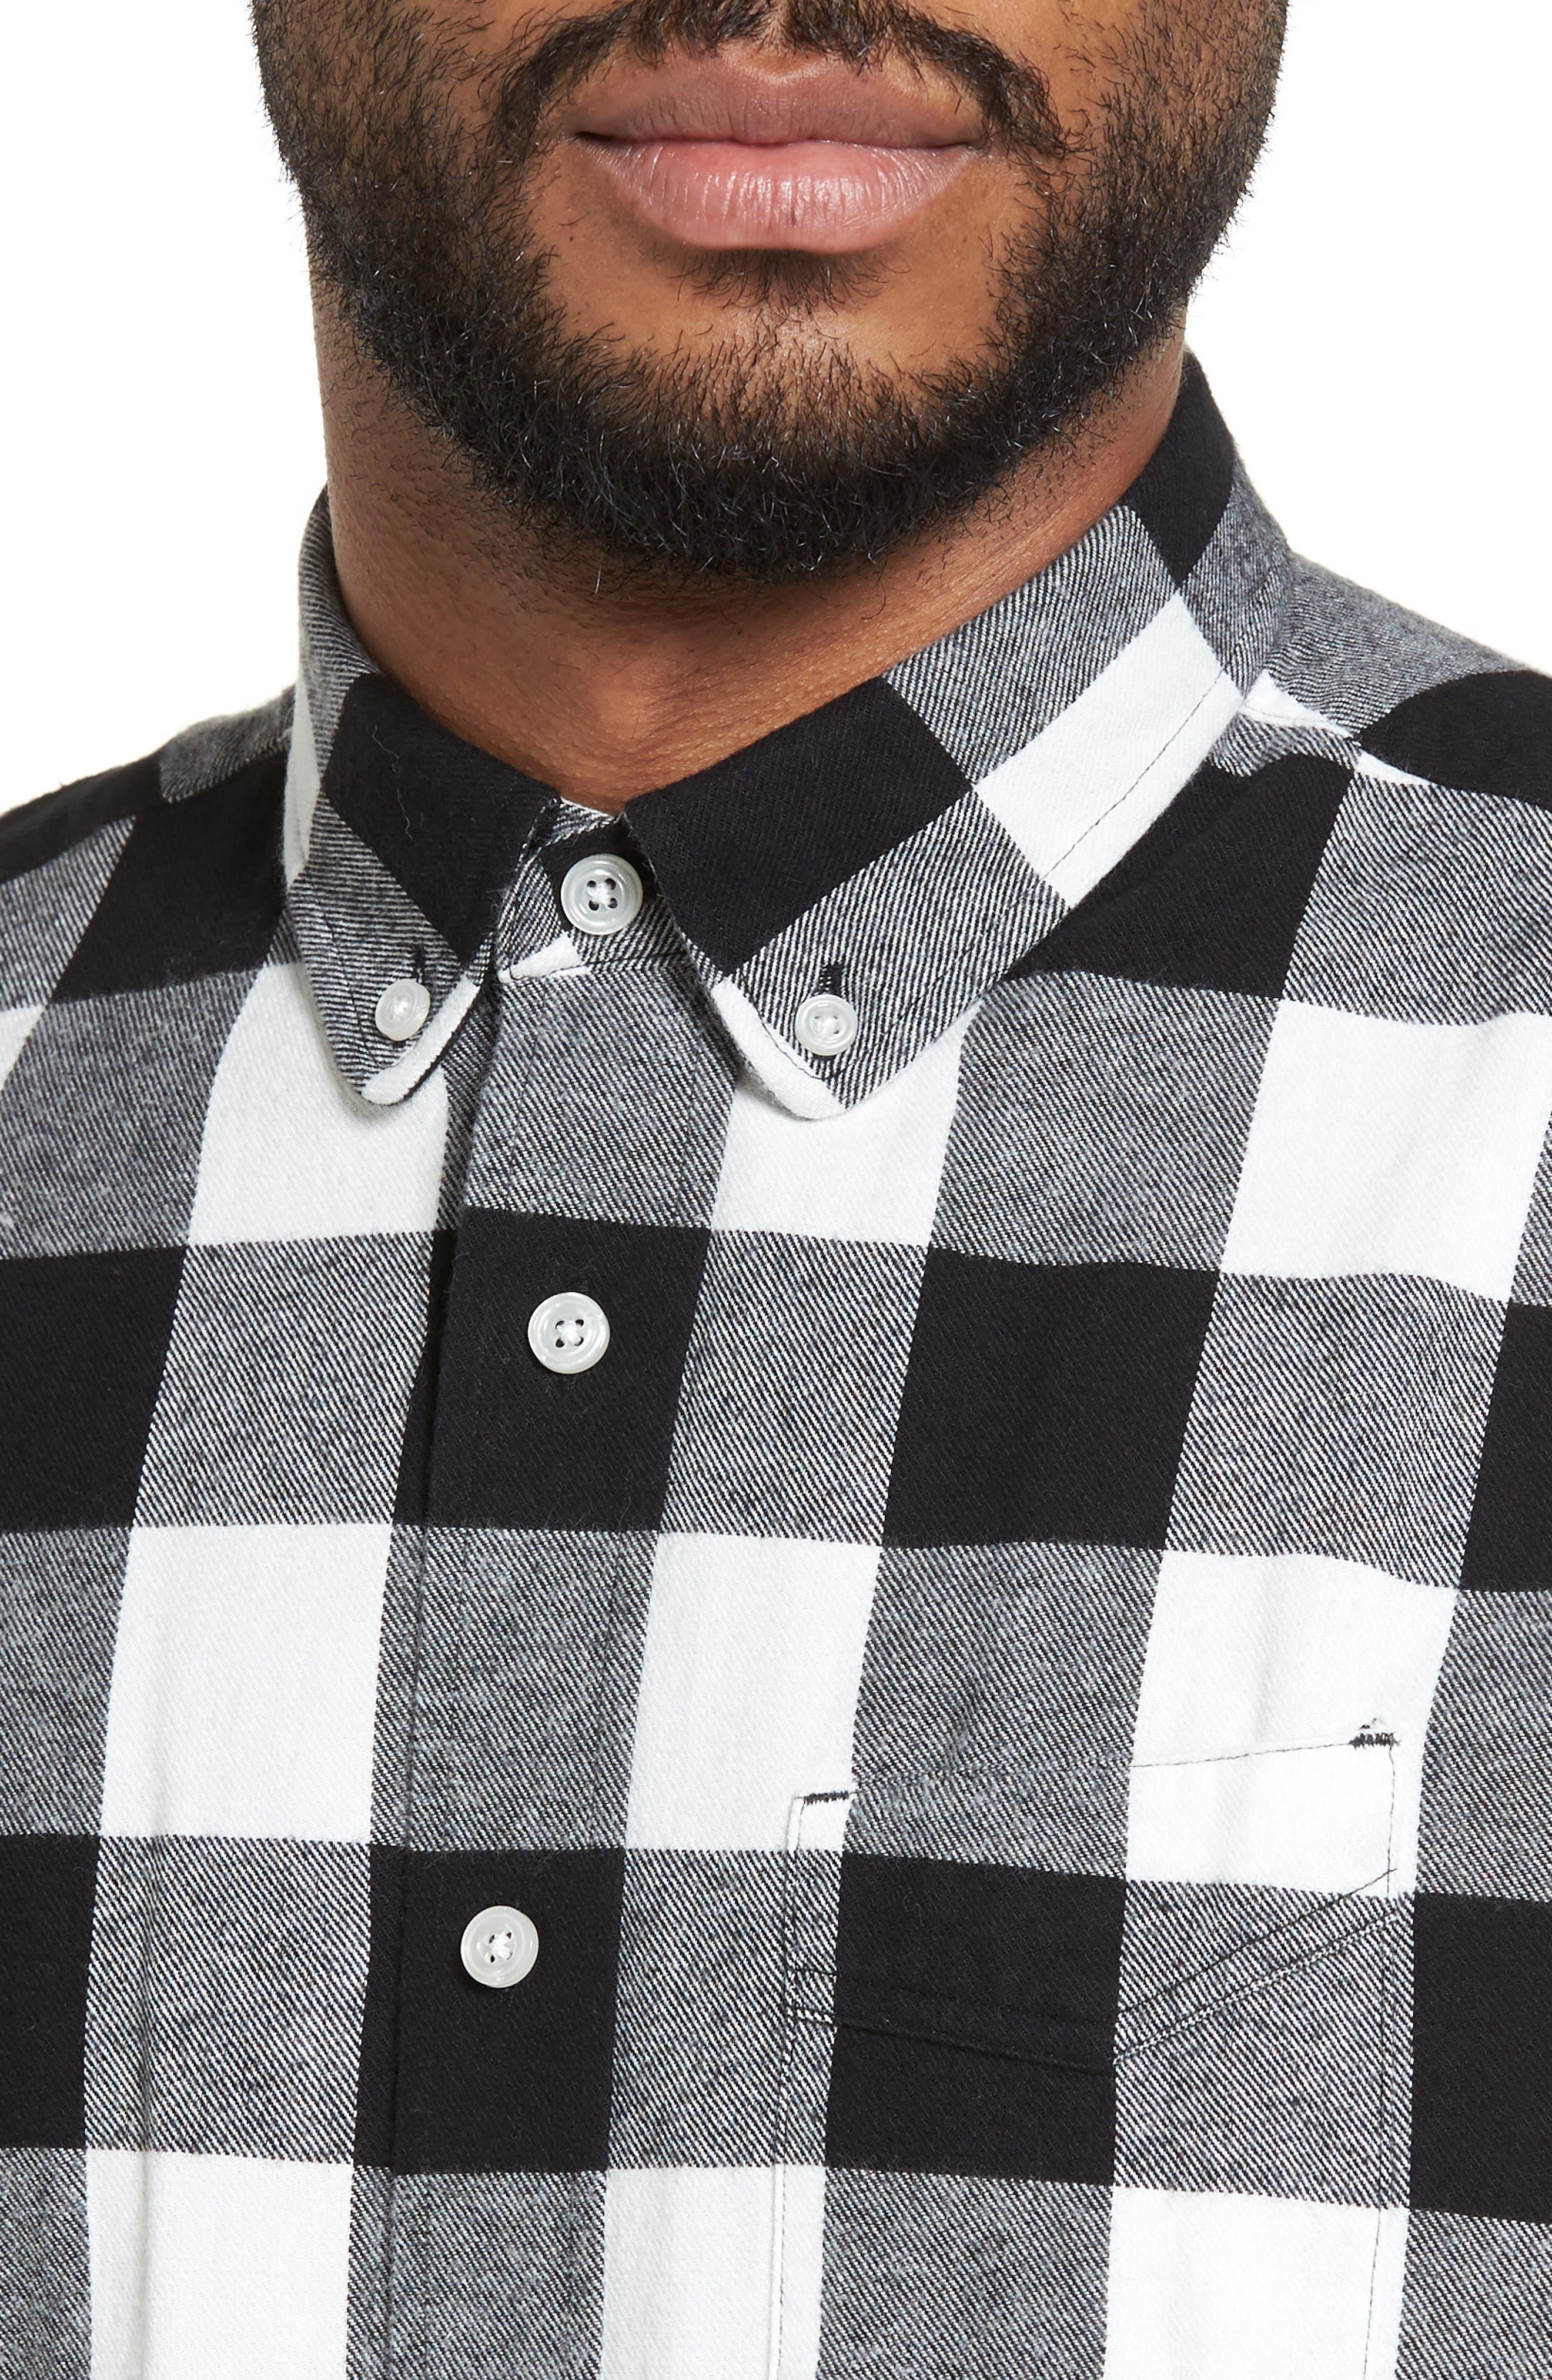 Trim Fit Buffalo Plaid Flannel Sport Shirt,                             Alternate thumbnail 4, color,                             001